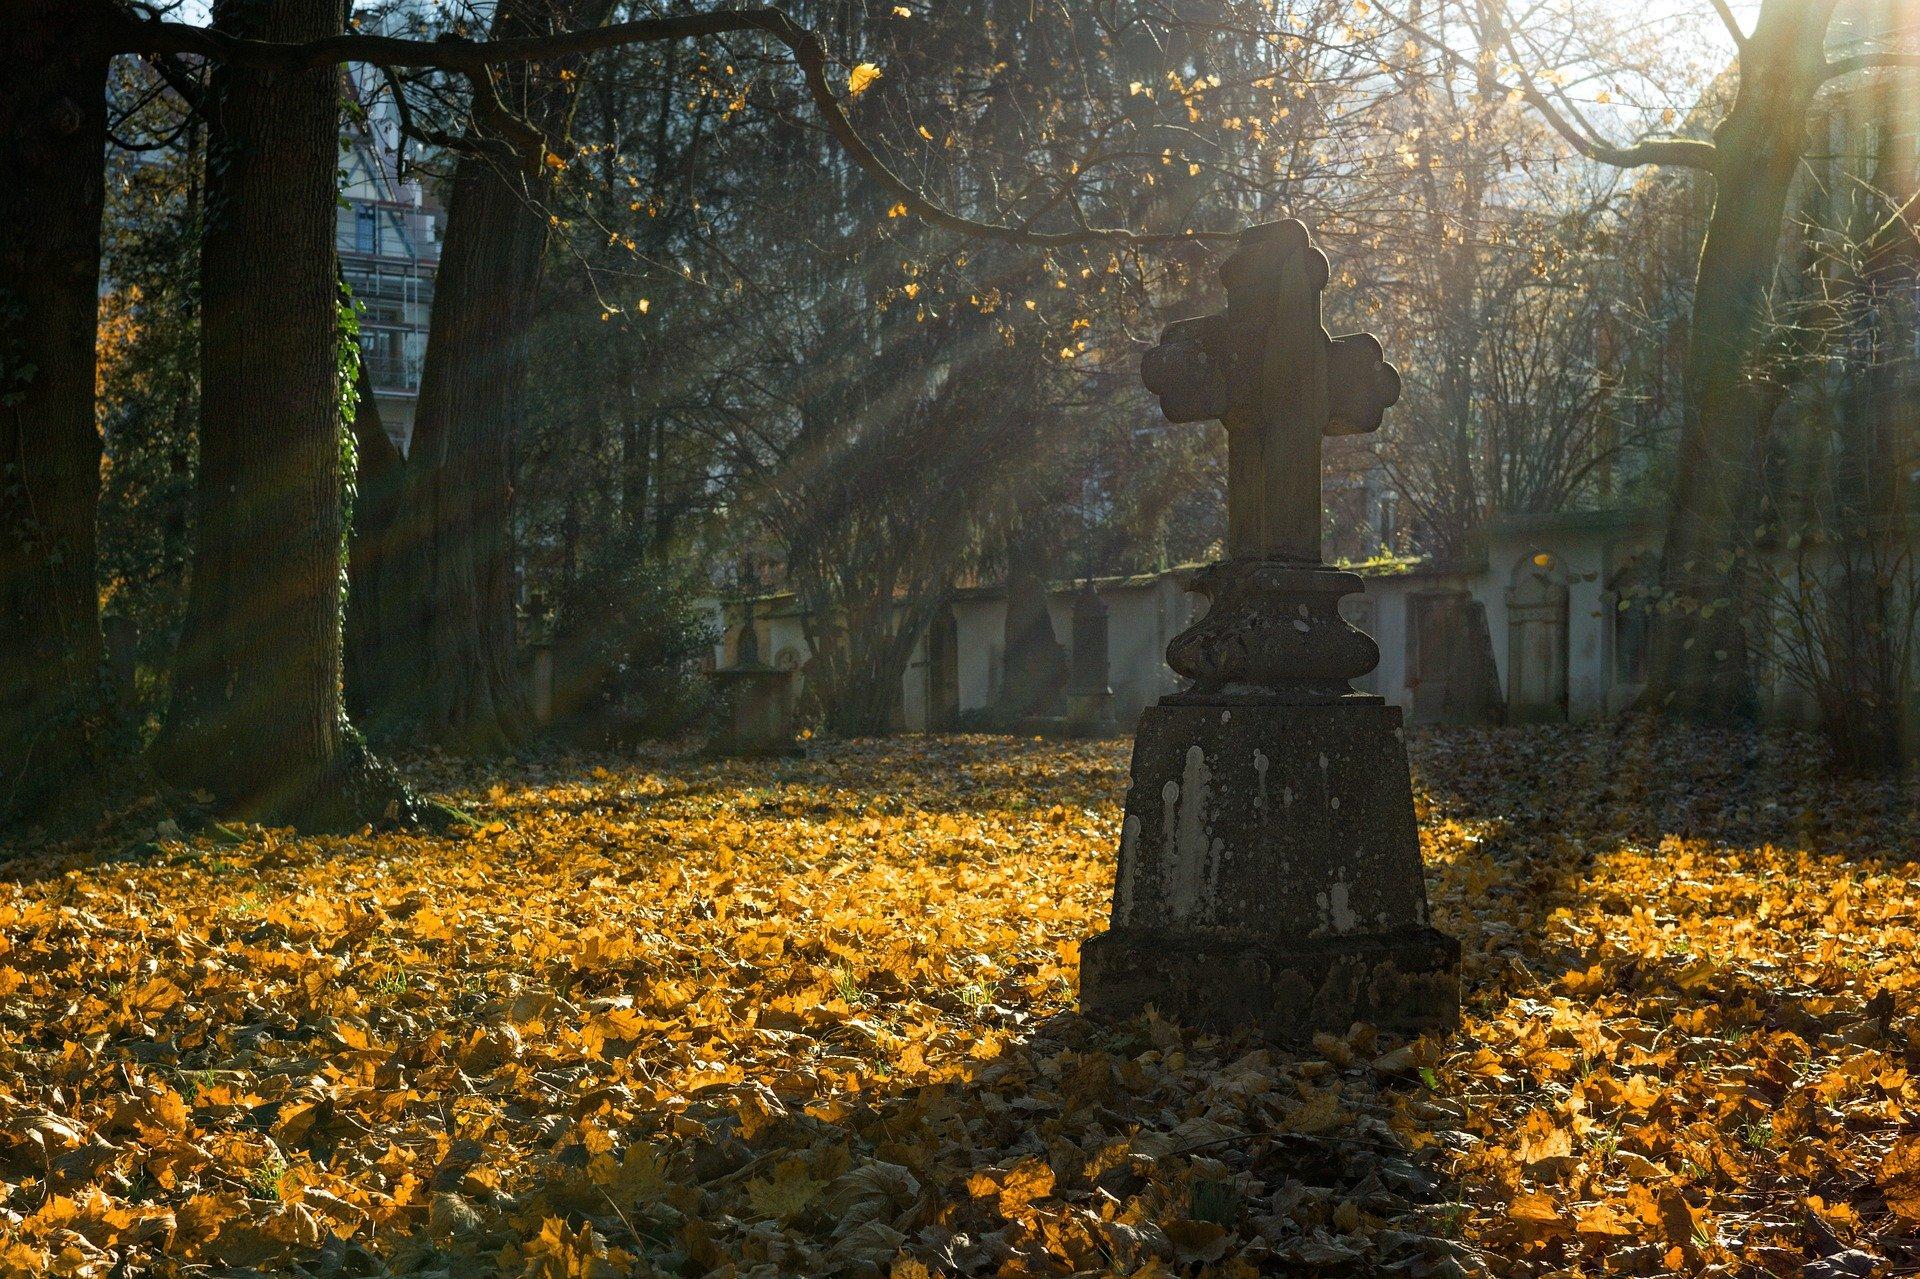 Nachlassverfahren und Nachlasszeugnis zwischen Kroatien und Österreich